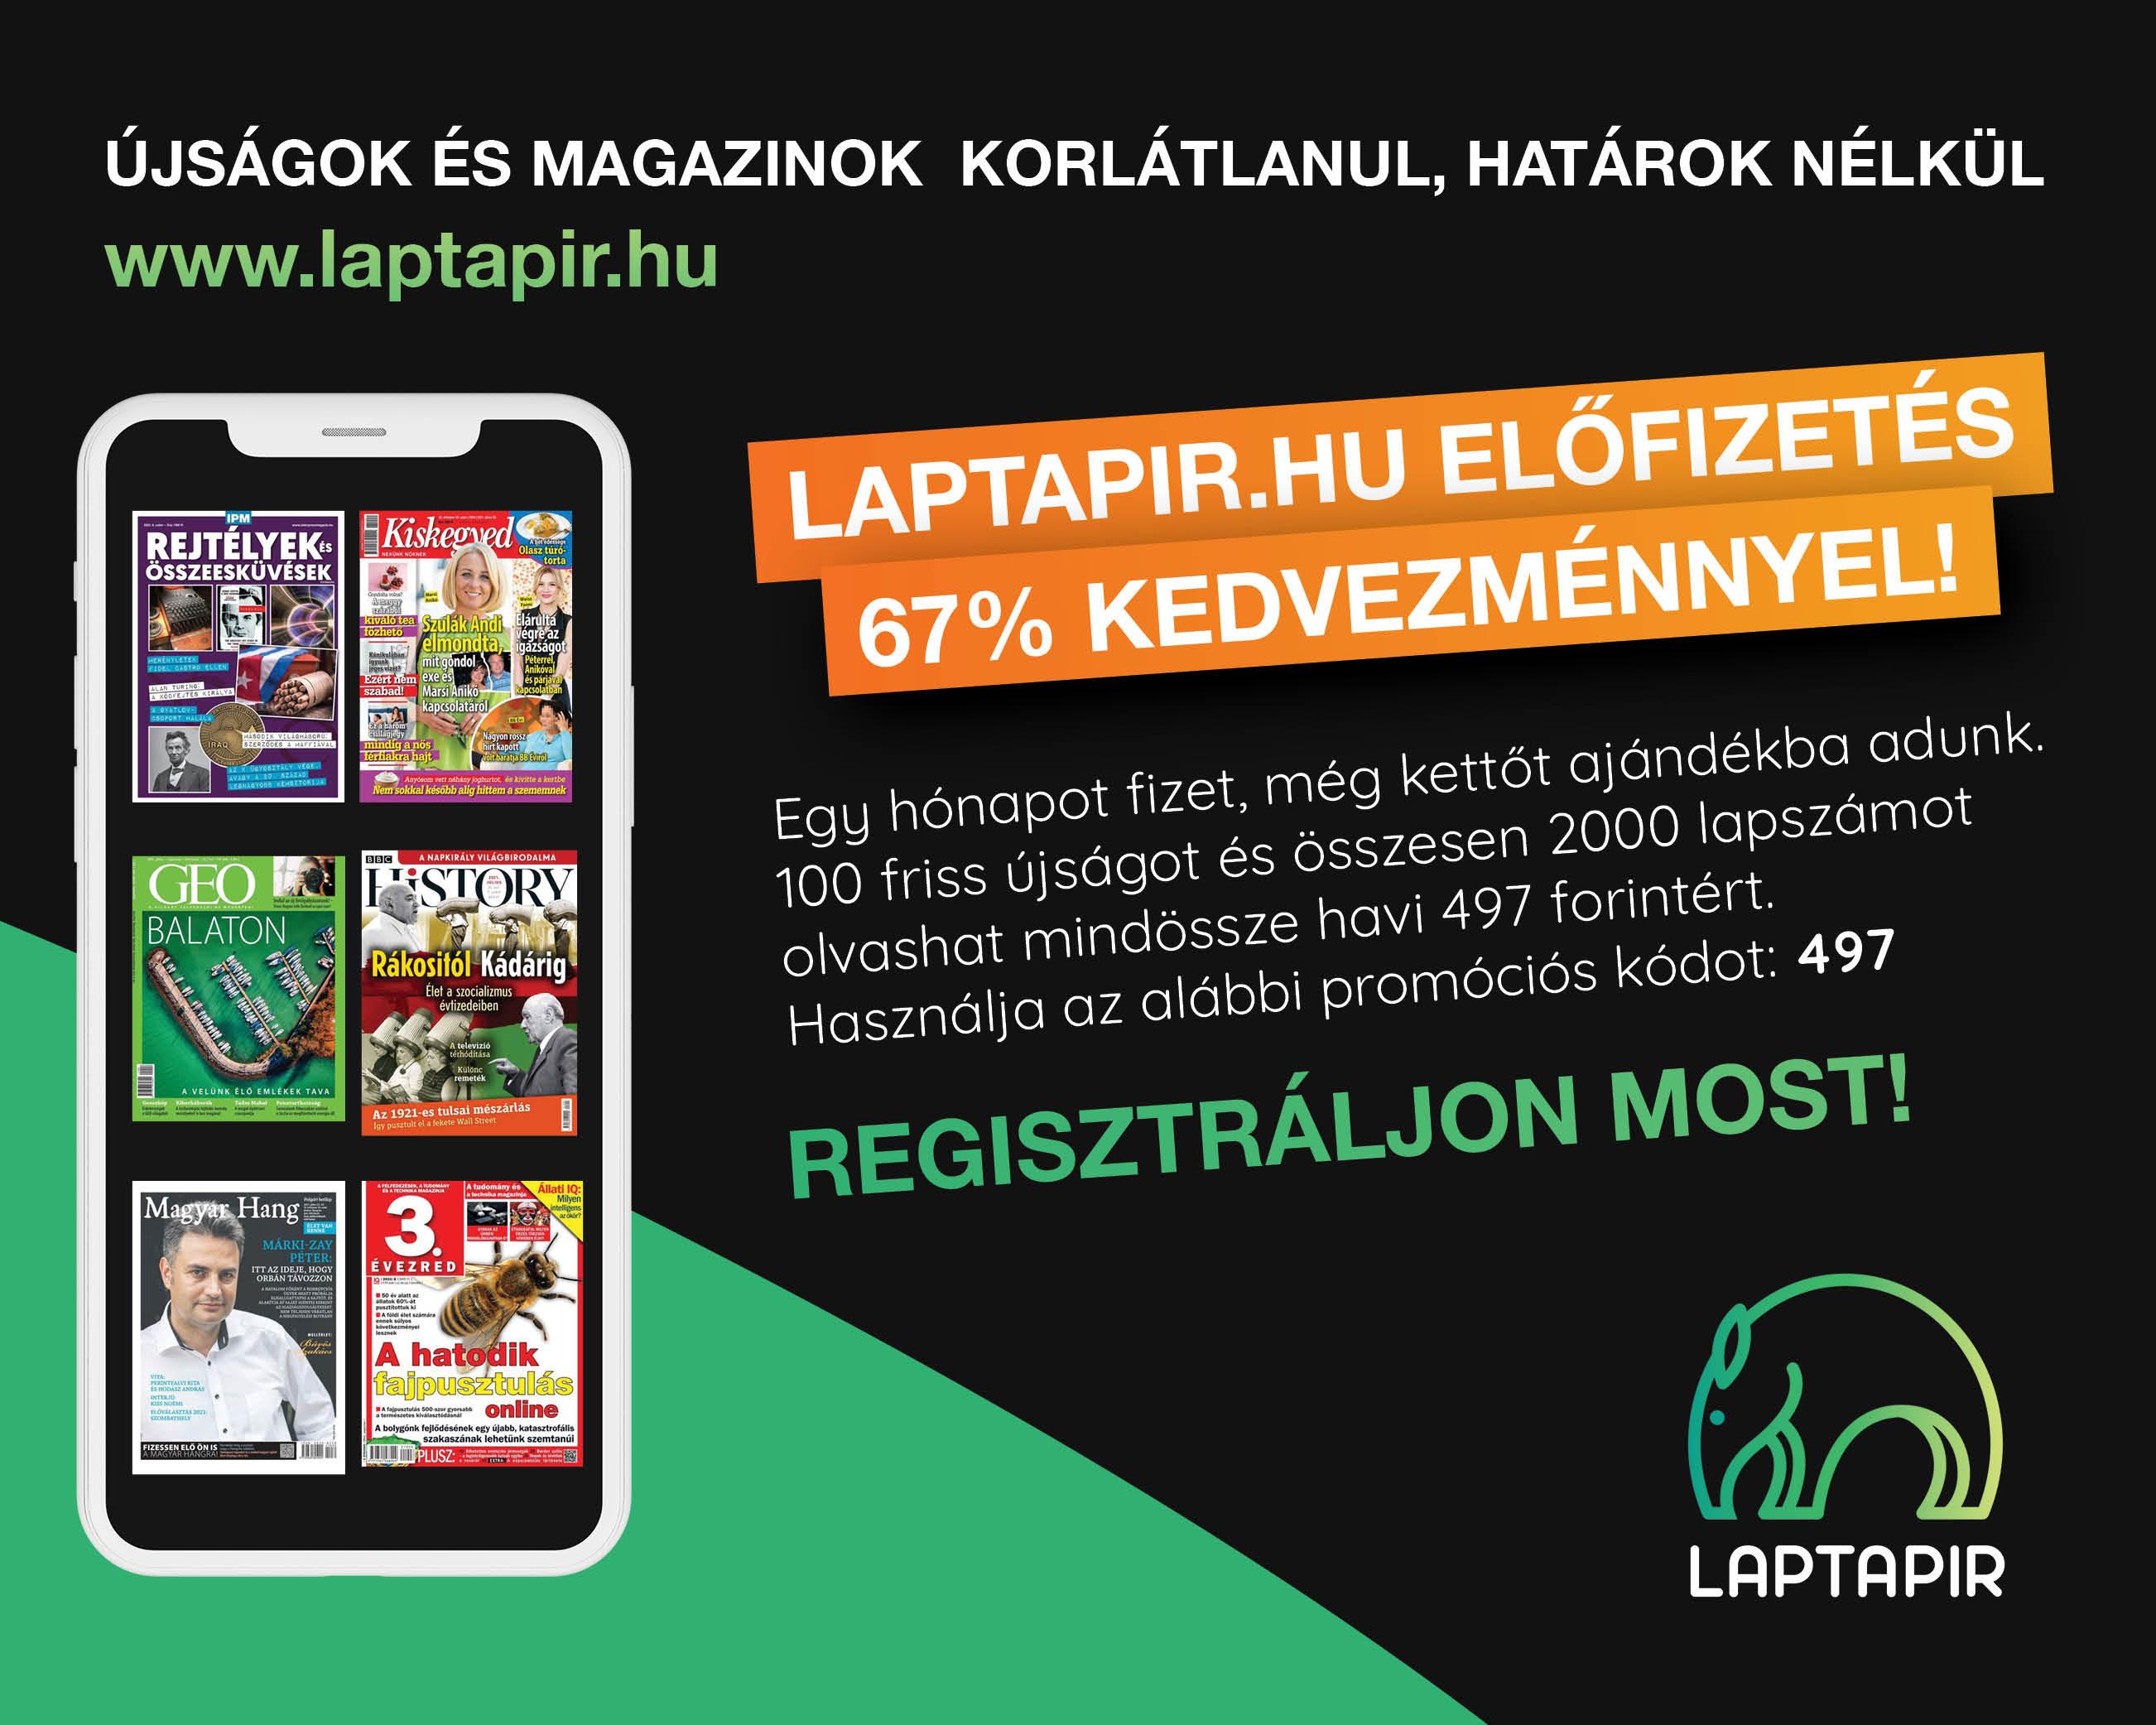 Laptapir.hu előfizetés most 67% kedvezménnyel!